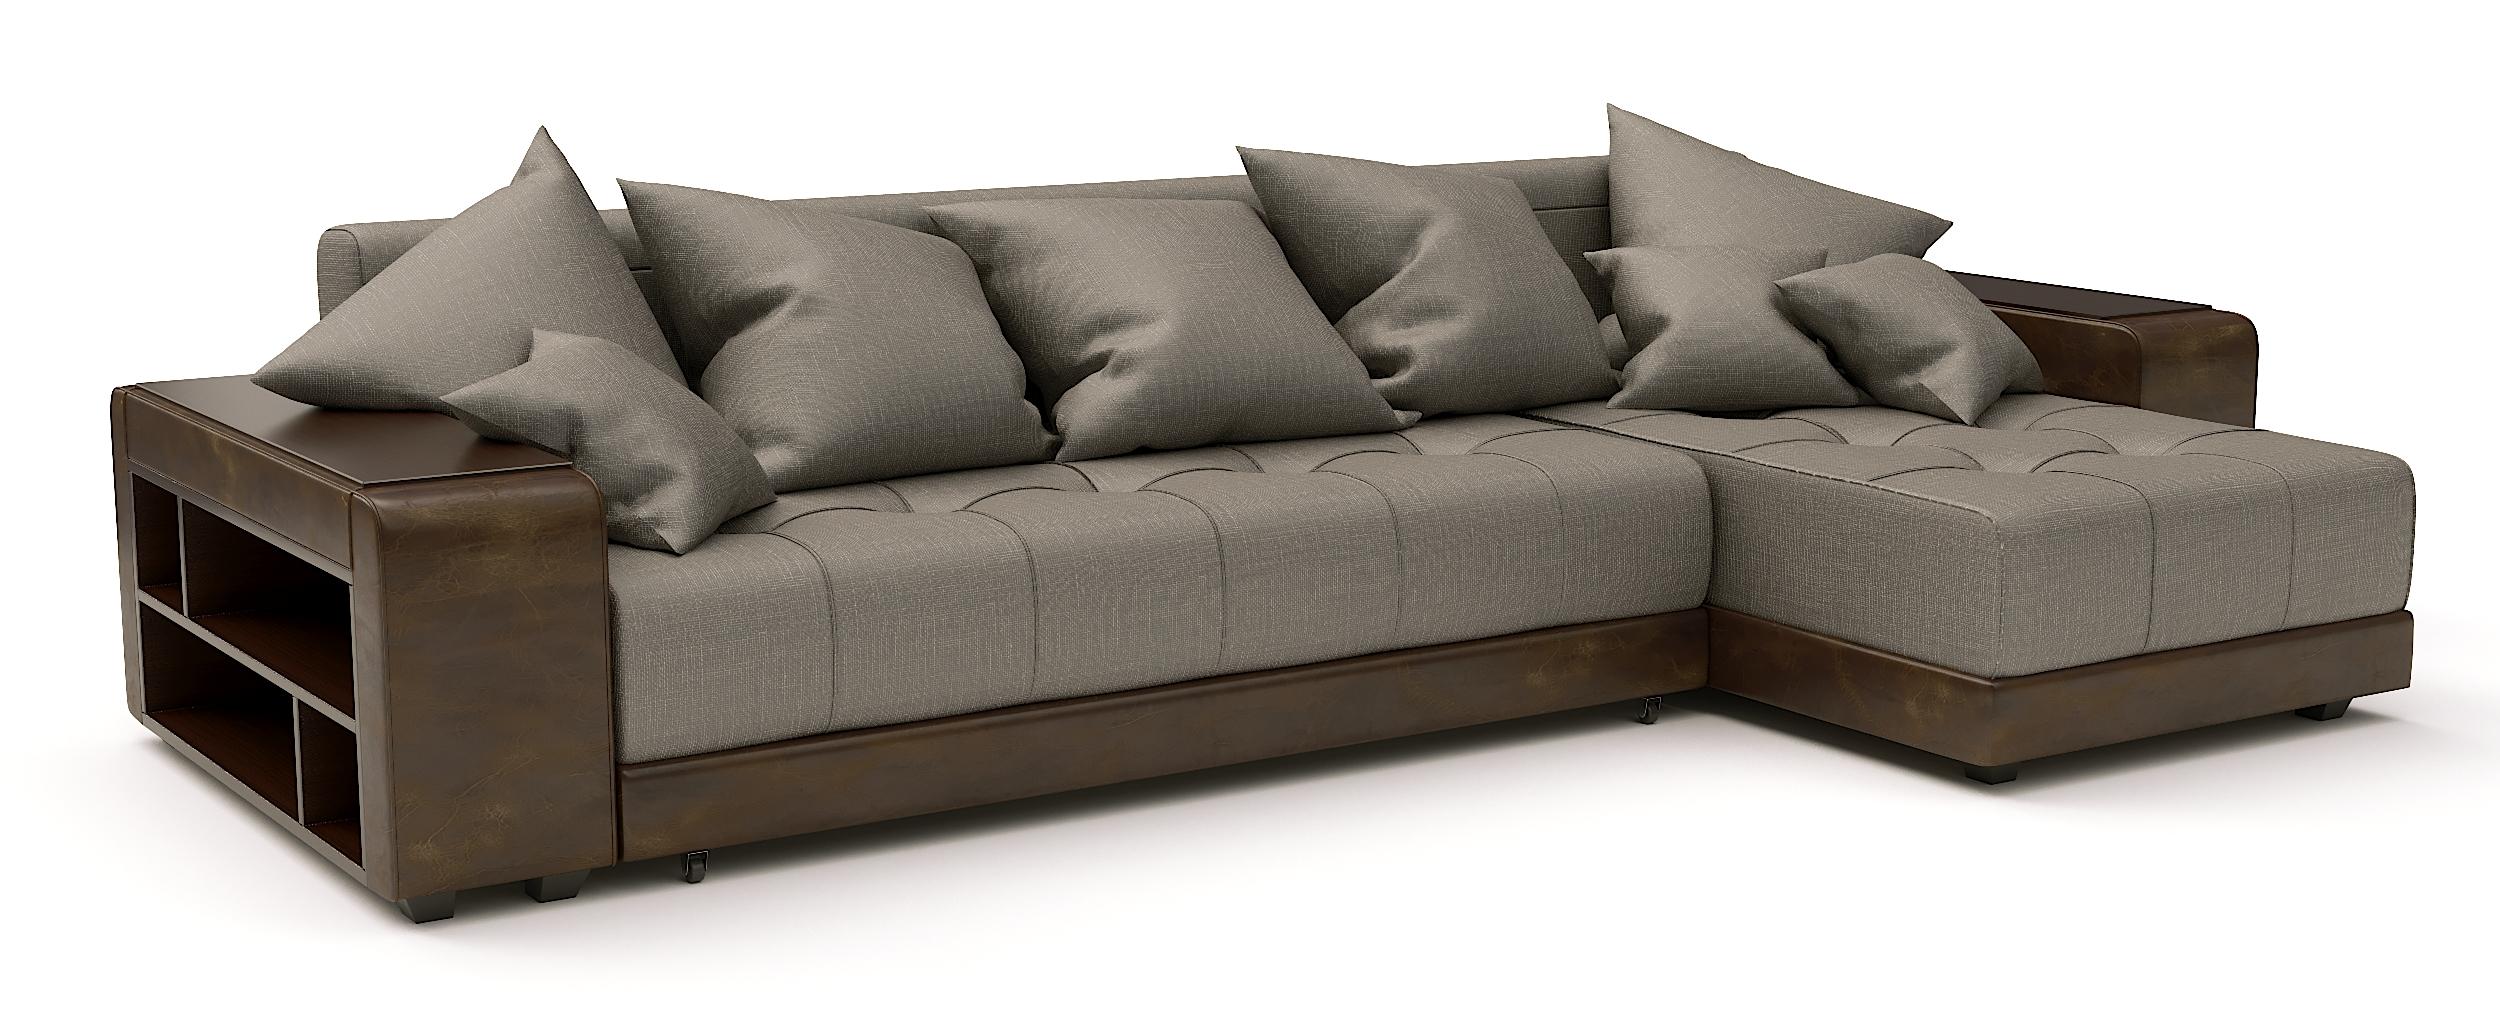 Угловой диван Атлет еврокнижка рогожка коричневая + экокожа коричневая